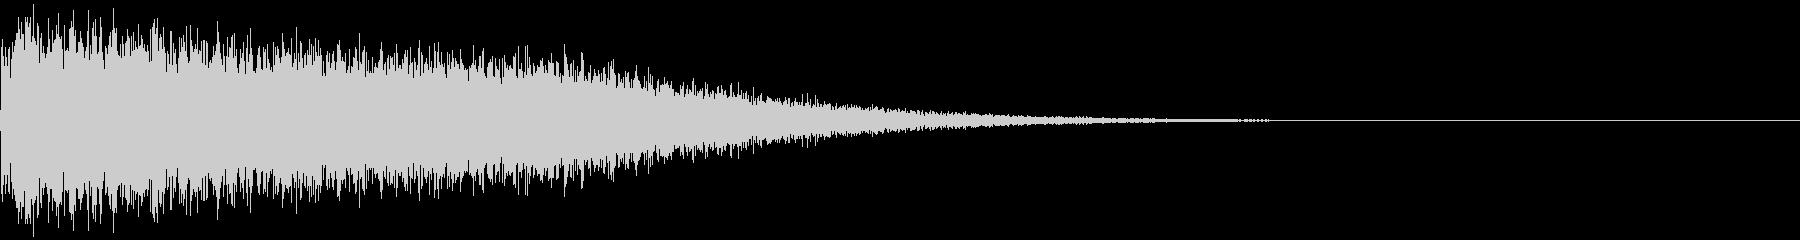 ビシューーン(魔法攻撃)の未再生の波形